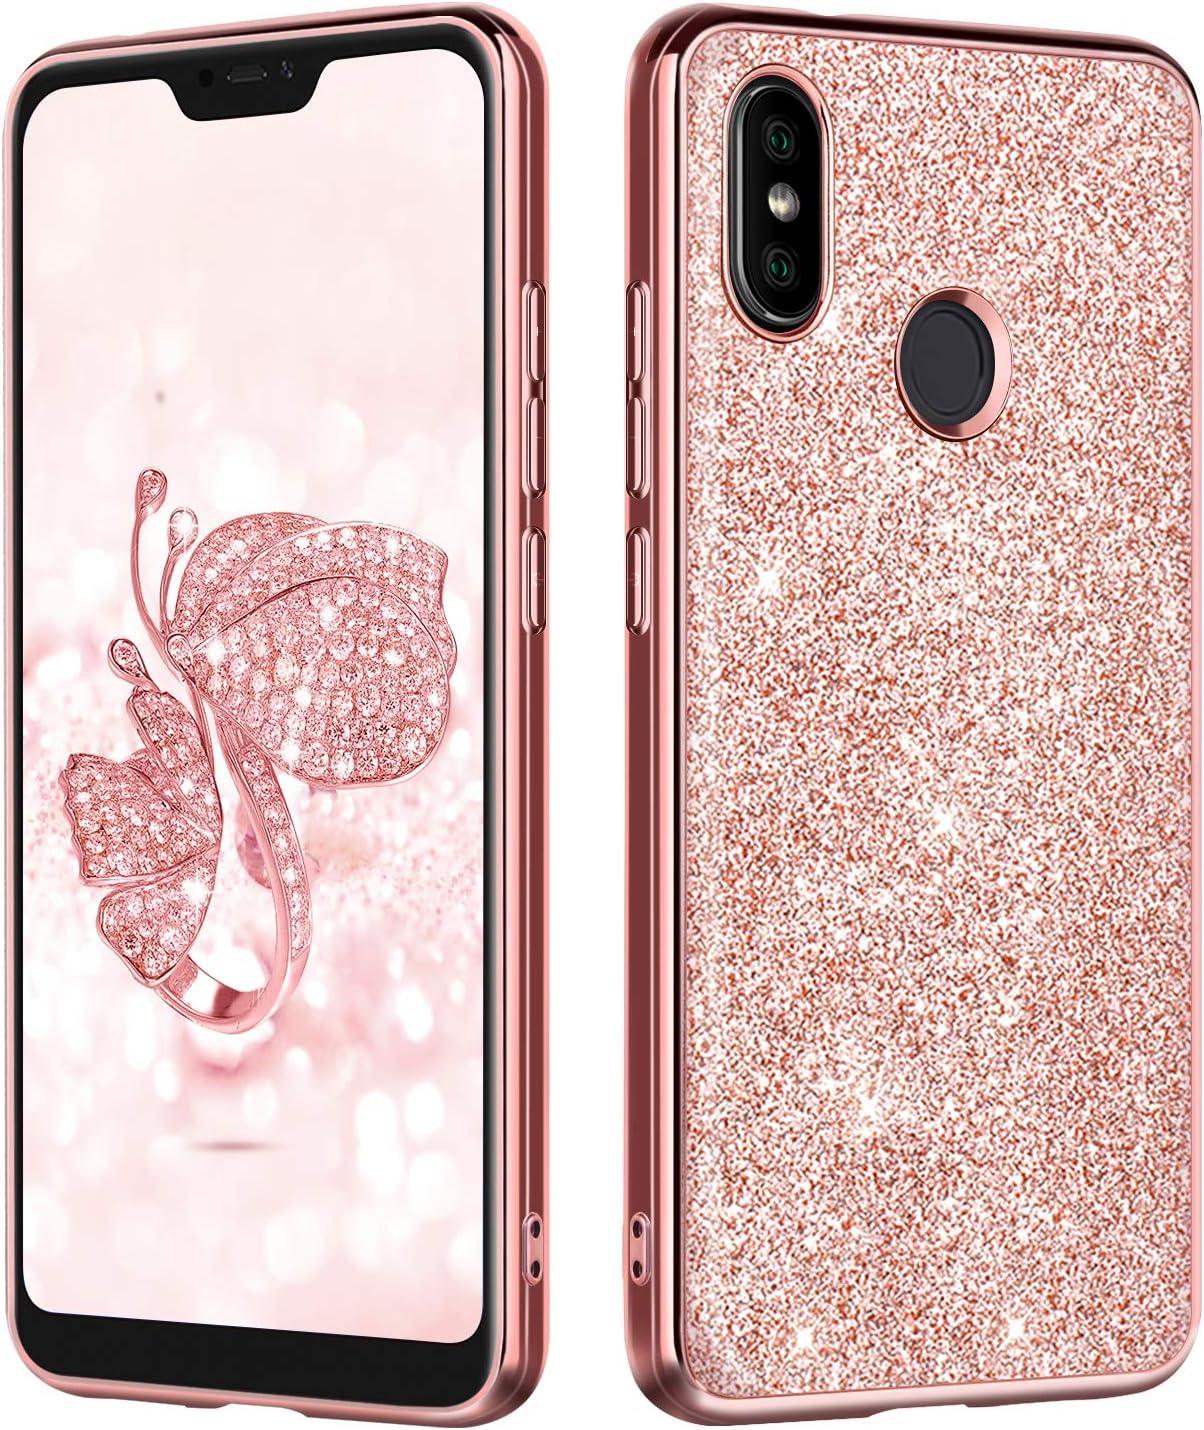 BENTOBEN Funda Xiaomi Mi A2 Lite, Carcasa Xiaomi A2 Lite Purpurina Cover Case Ultra Delgada Ligera Brillante Resistente Silicona PC Protectora Antigolpes Fundas para Xiaomi Mi A2 Lite 2018-Oro Rosa